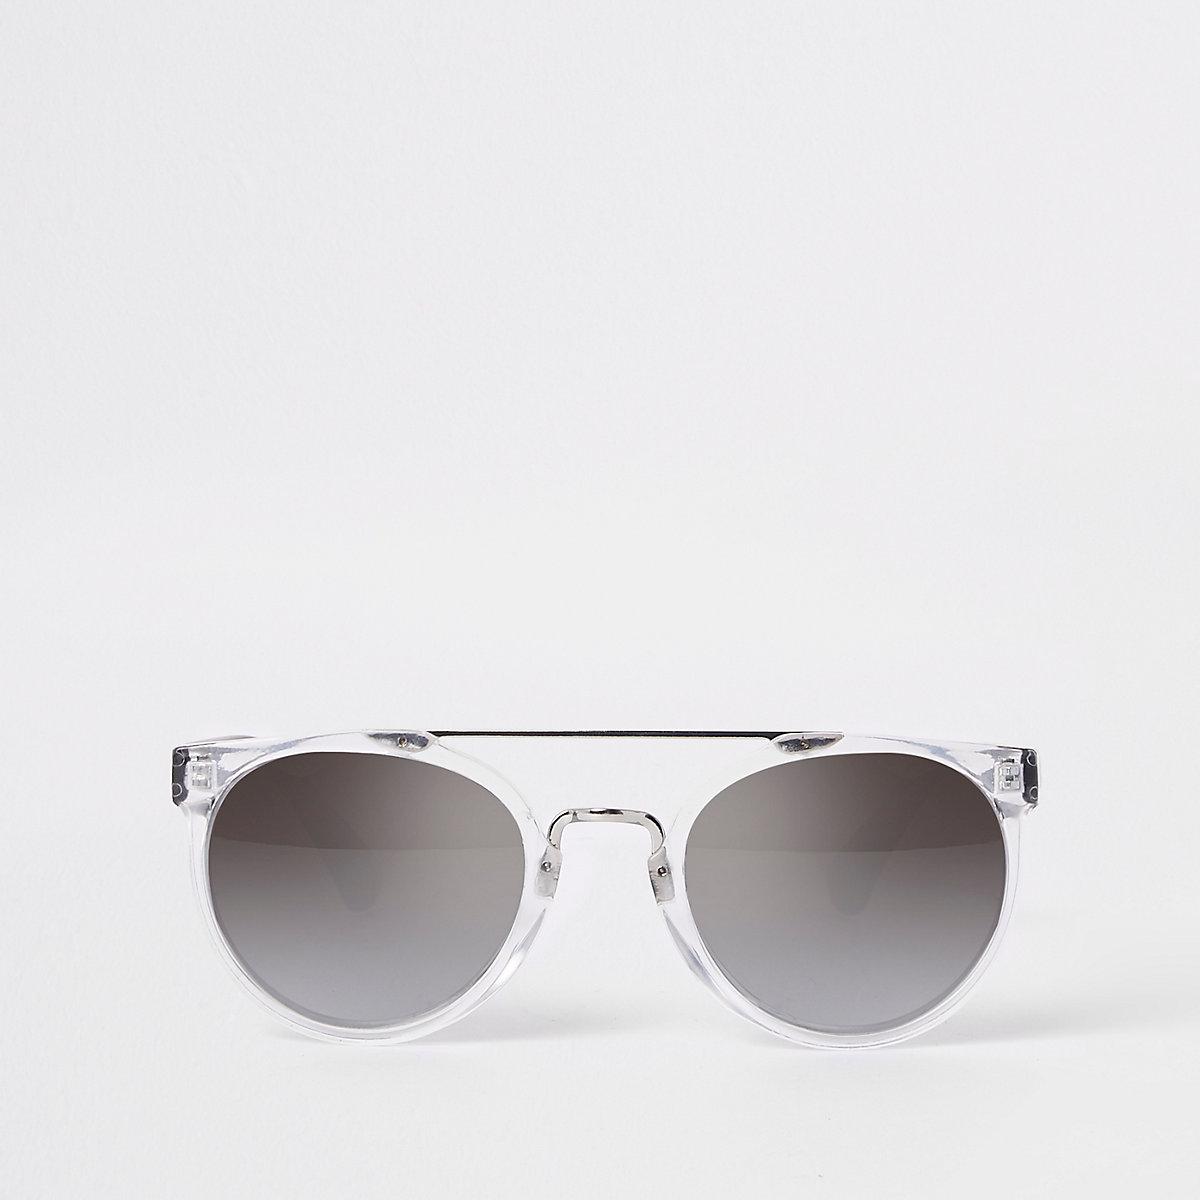 Boys silver retro sunglasses